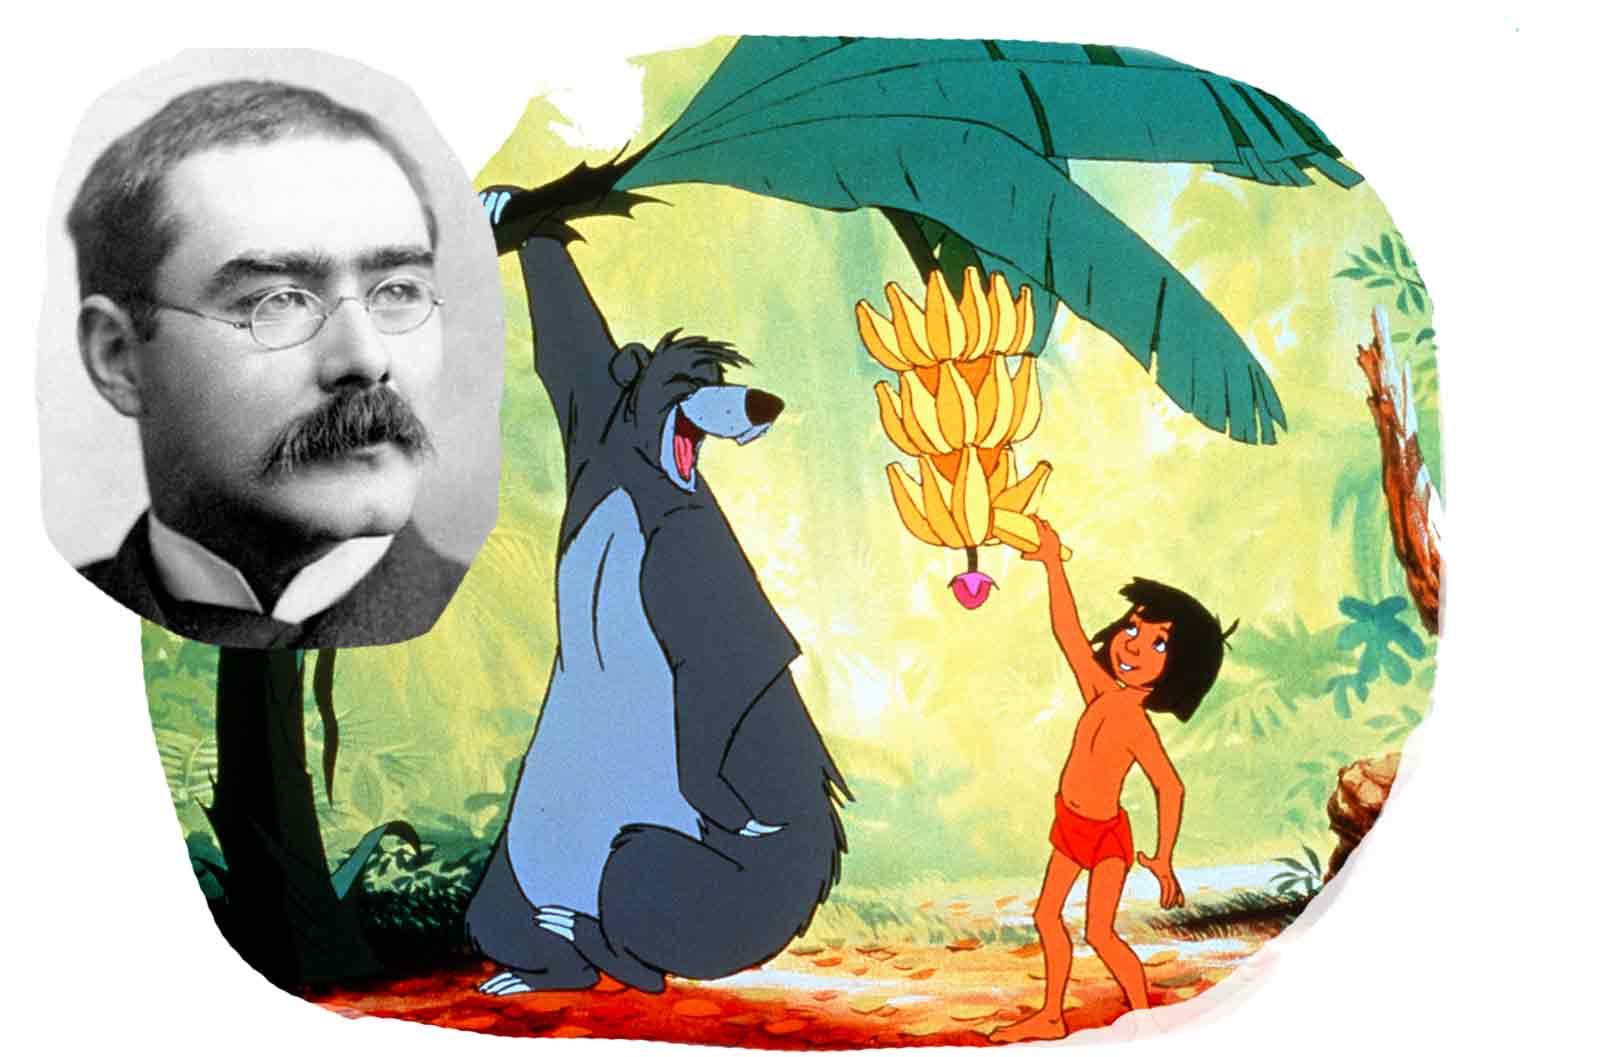 Portrait von R. Kipling und seinen Romanhelden Balu und Mowgli